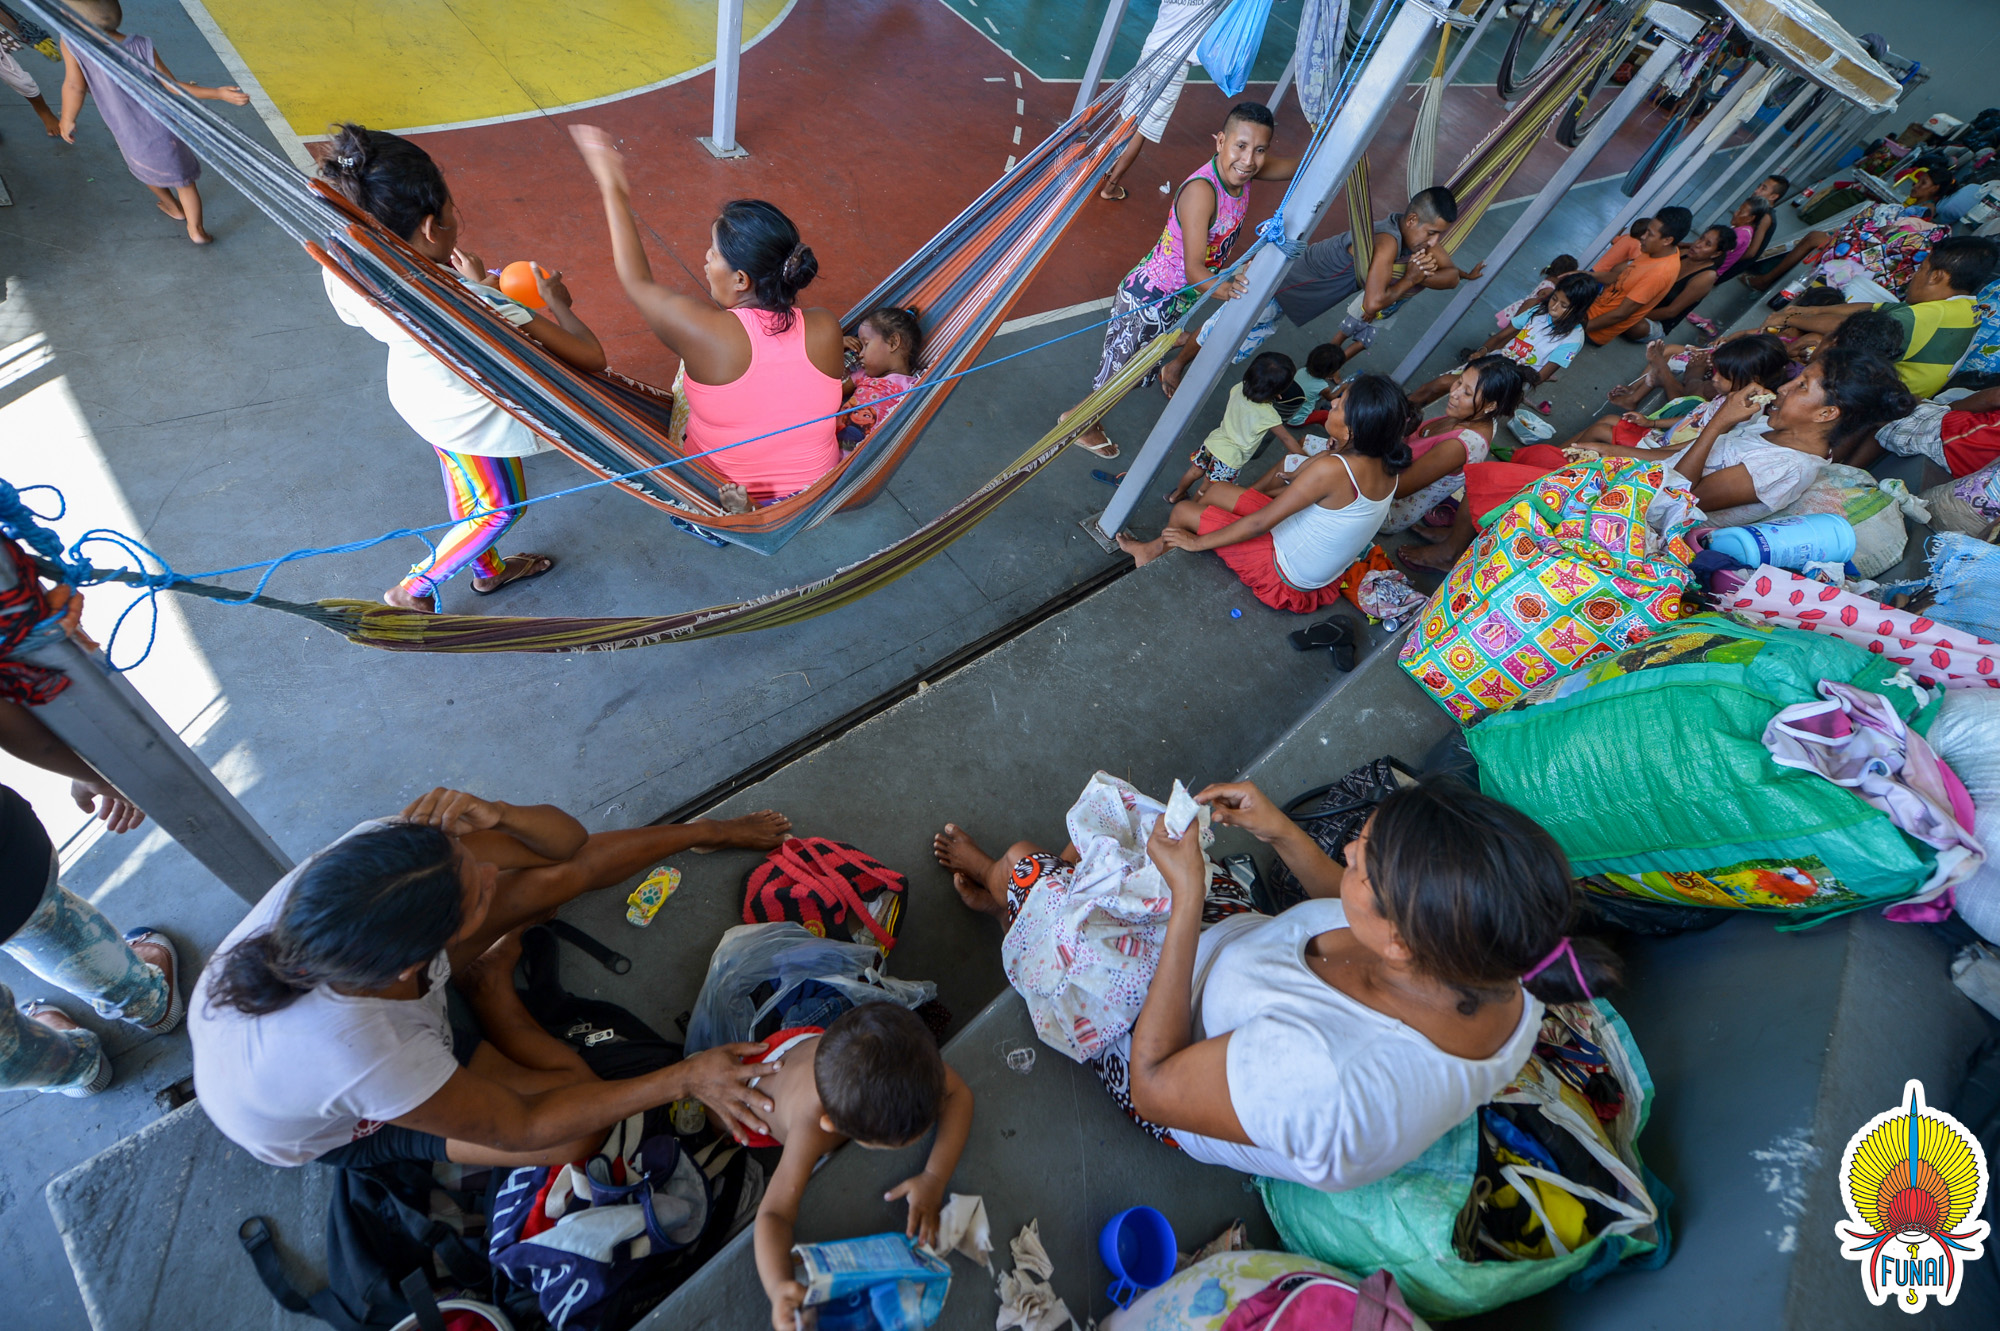 Crise na Venezuela: Ministro da Justiça diz que migrantes não serão barrados na fronteira